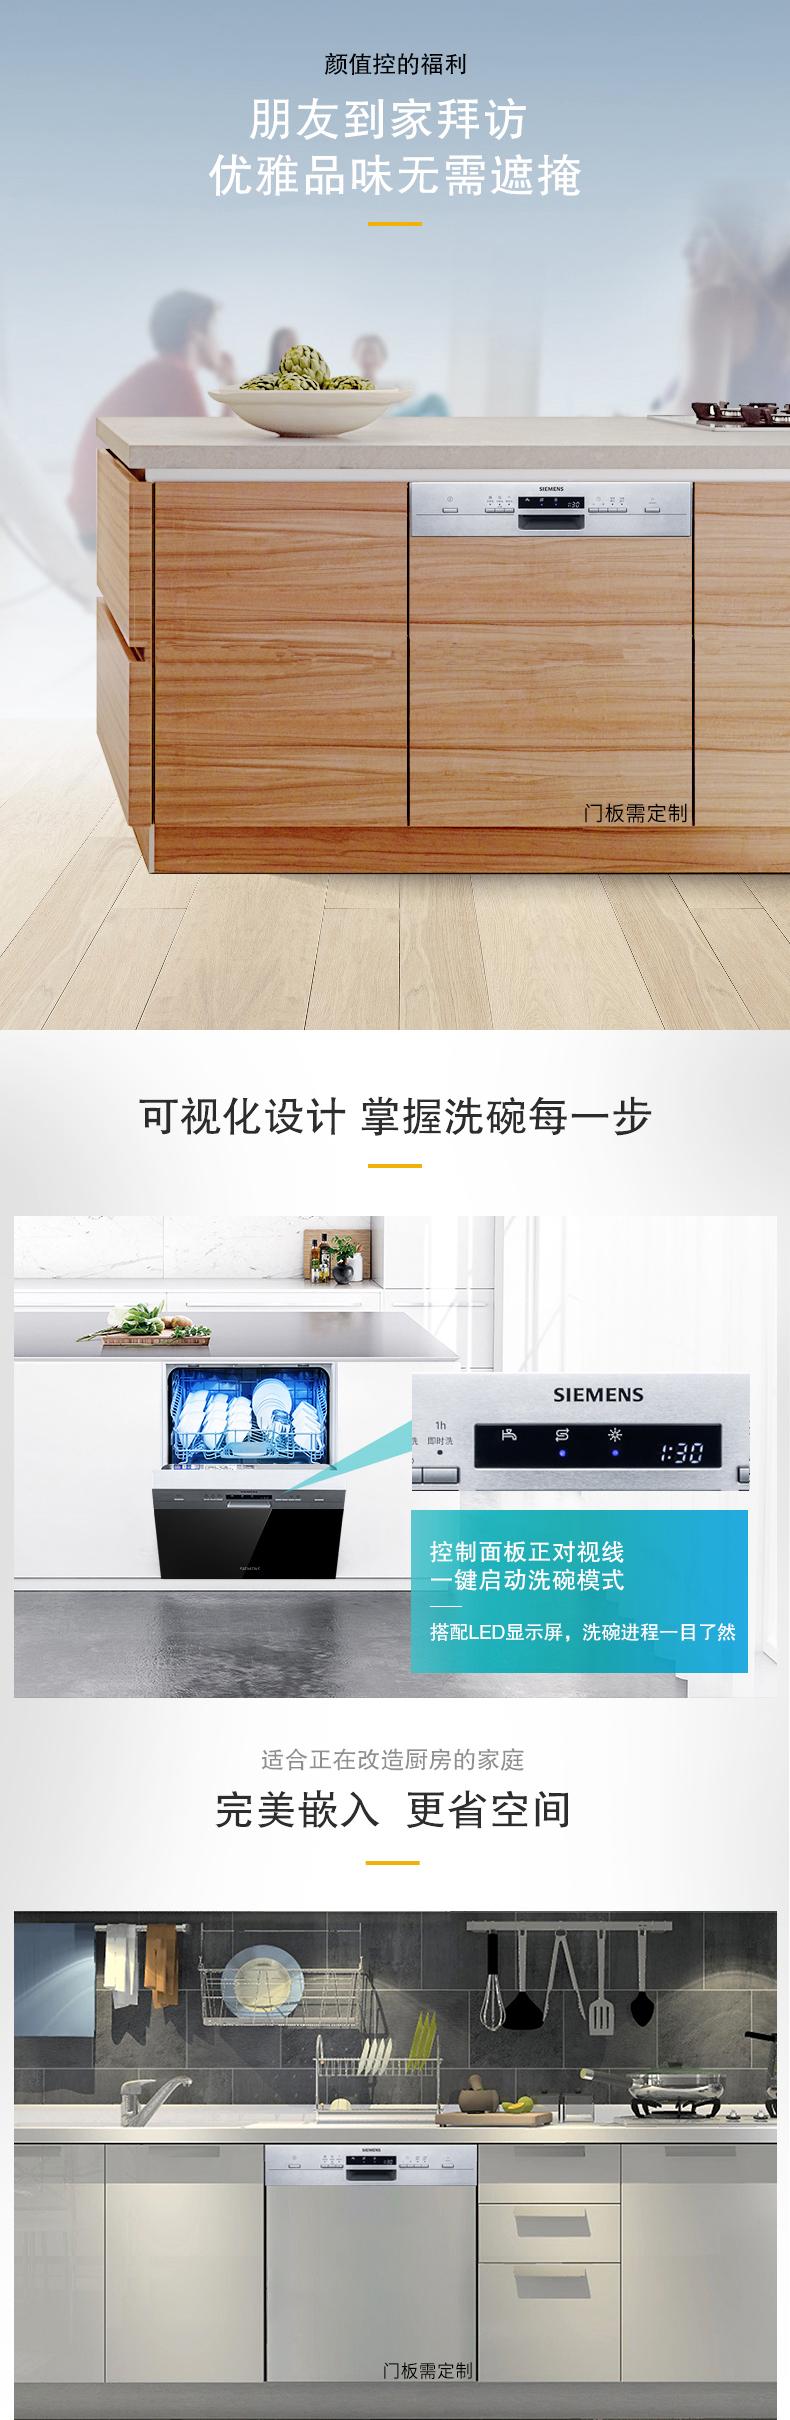 真实亲身体验西门子洗碗机SJ533S00DC质量怎么样?好不好用,洗碗干净,废水吗?